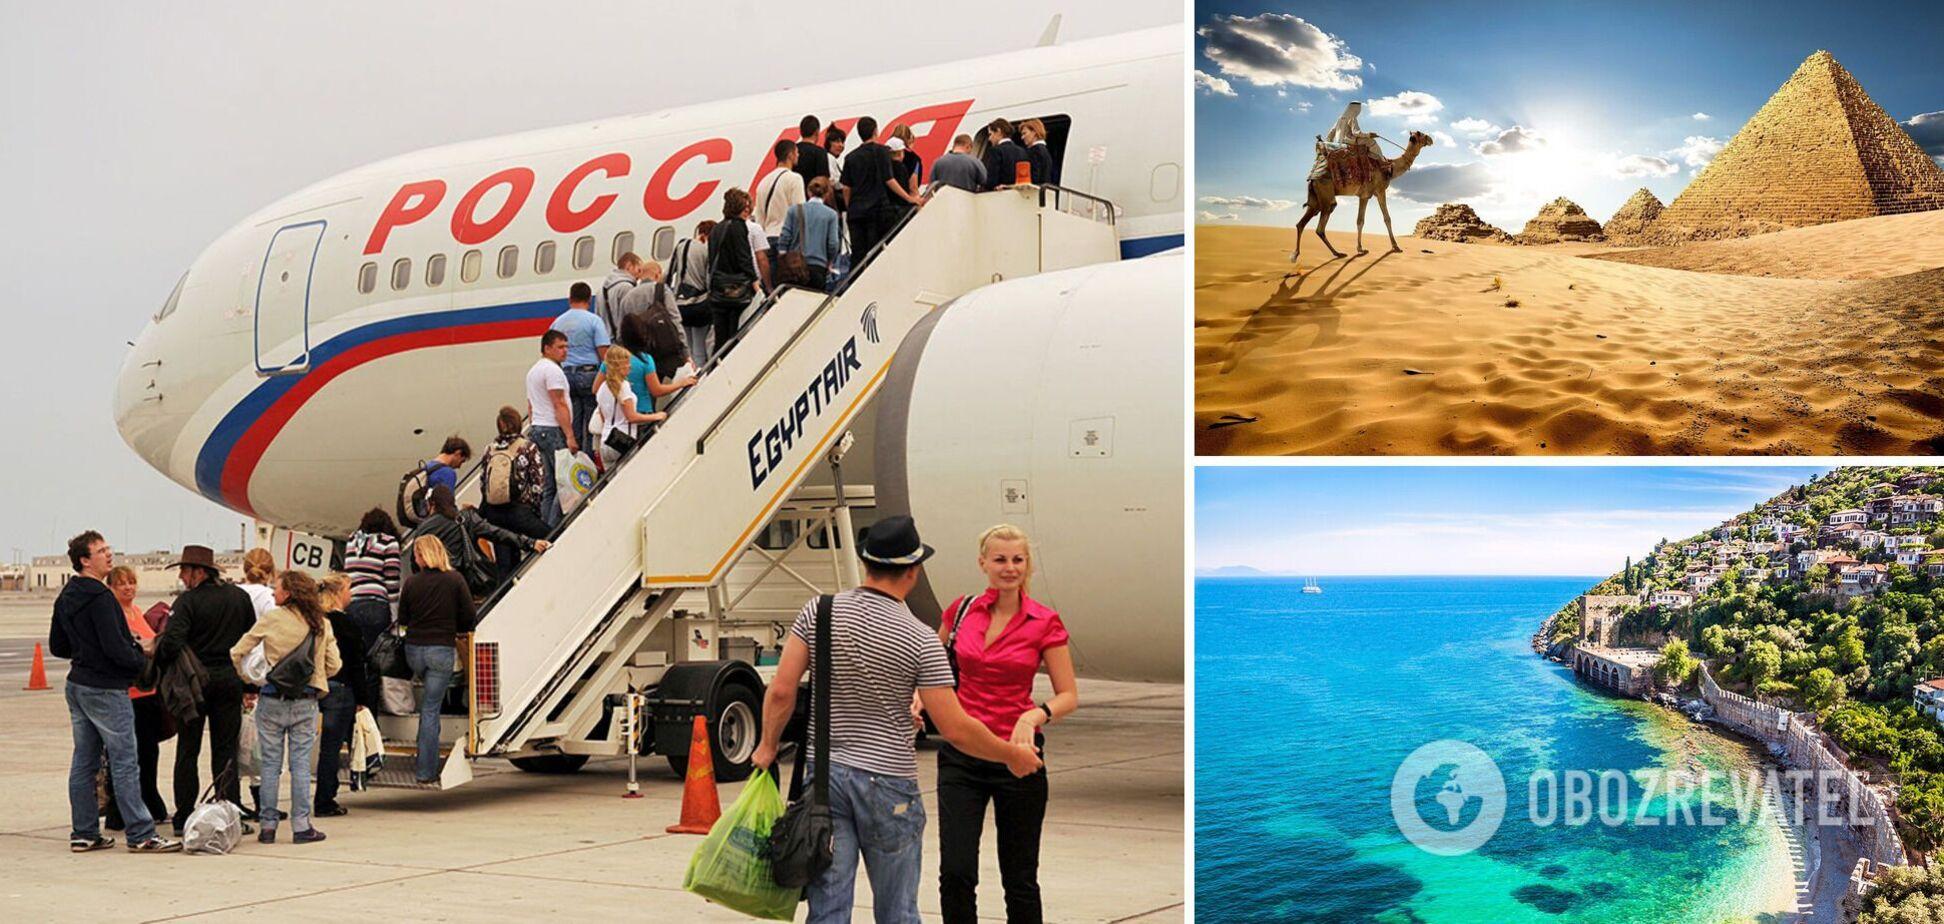 Украинцы рассказали, почему на курортах Турции и Египта их раздражают туристы из России